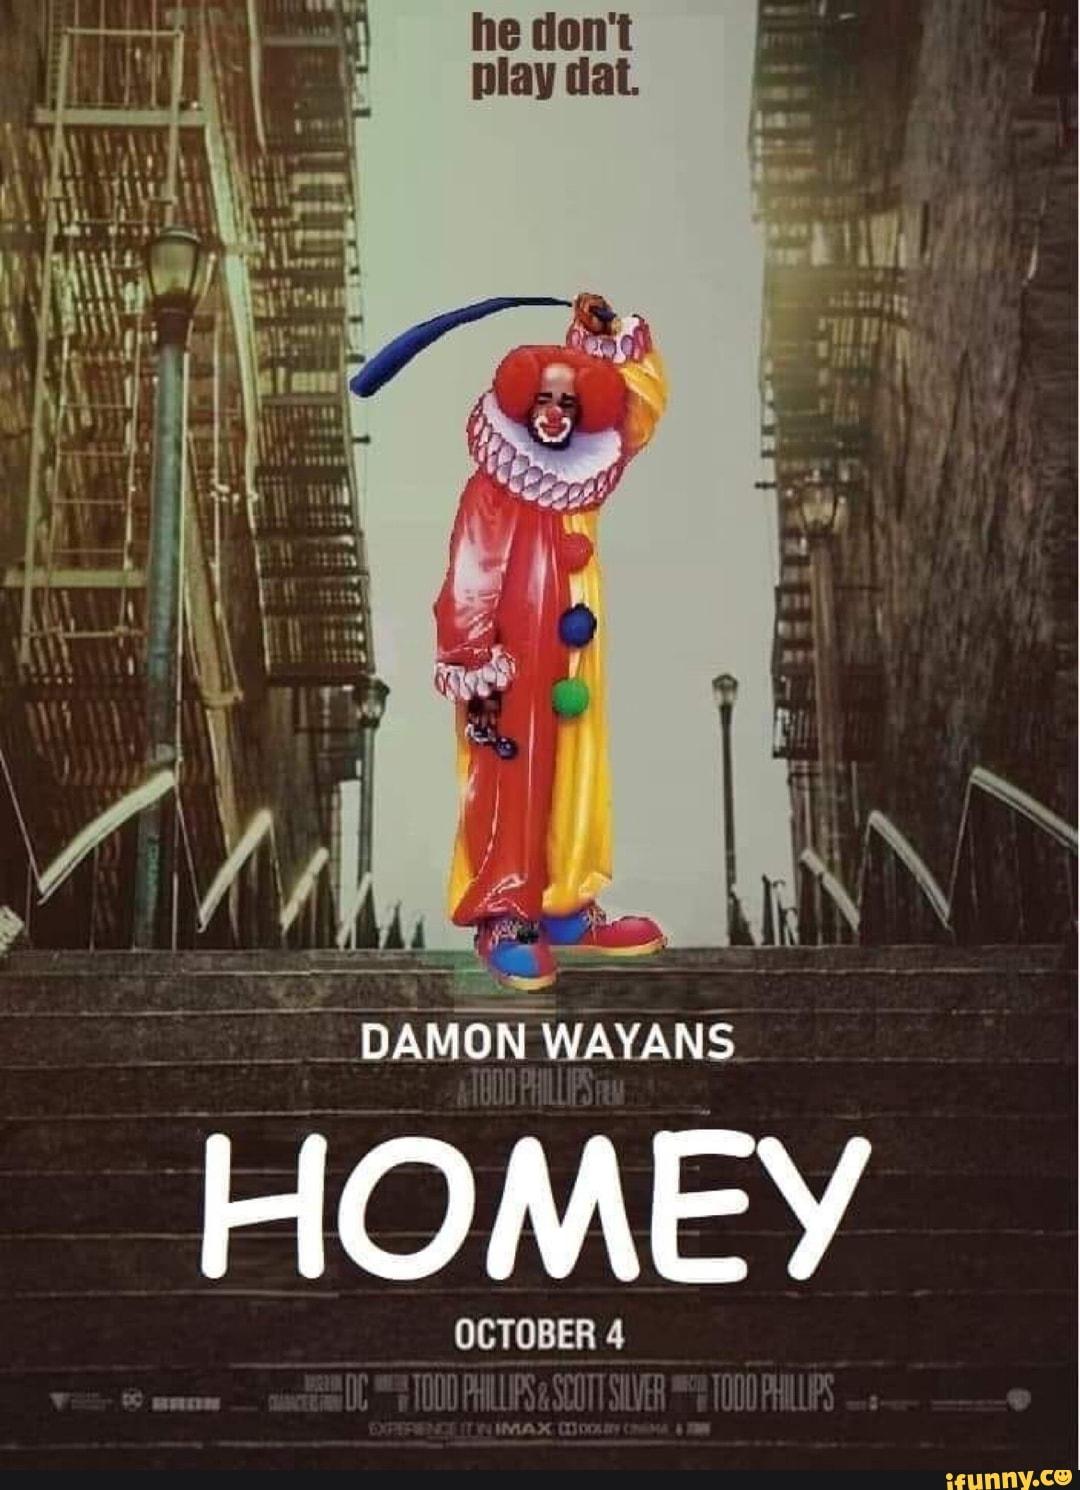 Homey Don't Play That : homey, don't, Don't, HOMEY, OCTOBER, IFunny